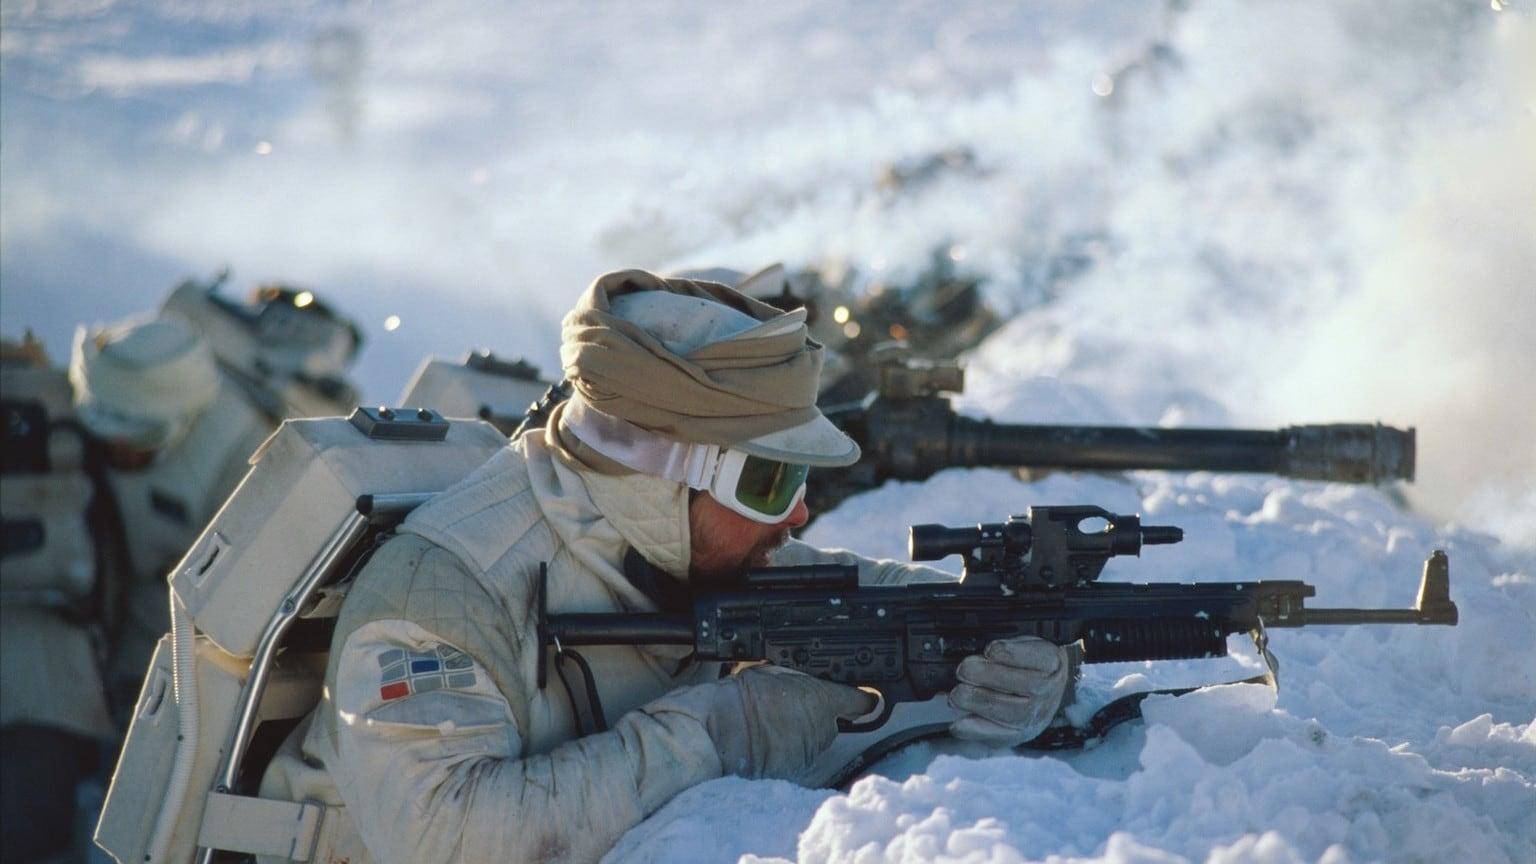 a280-blaster-rifle_0d9d74a0.jpg